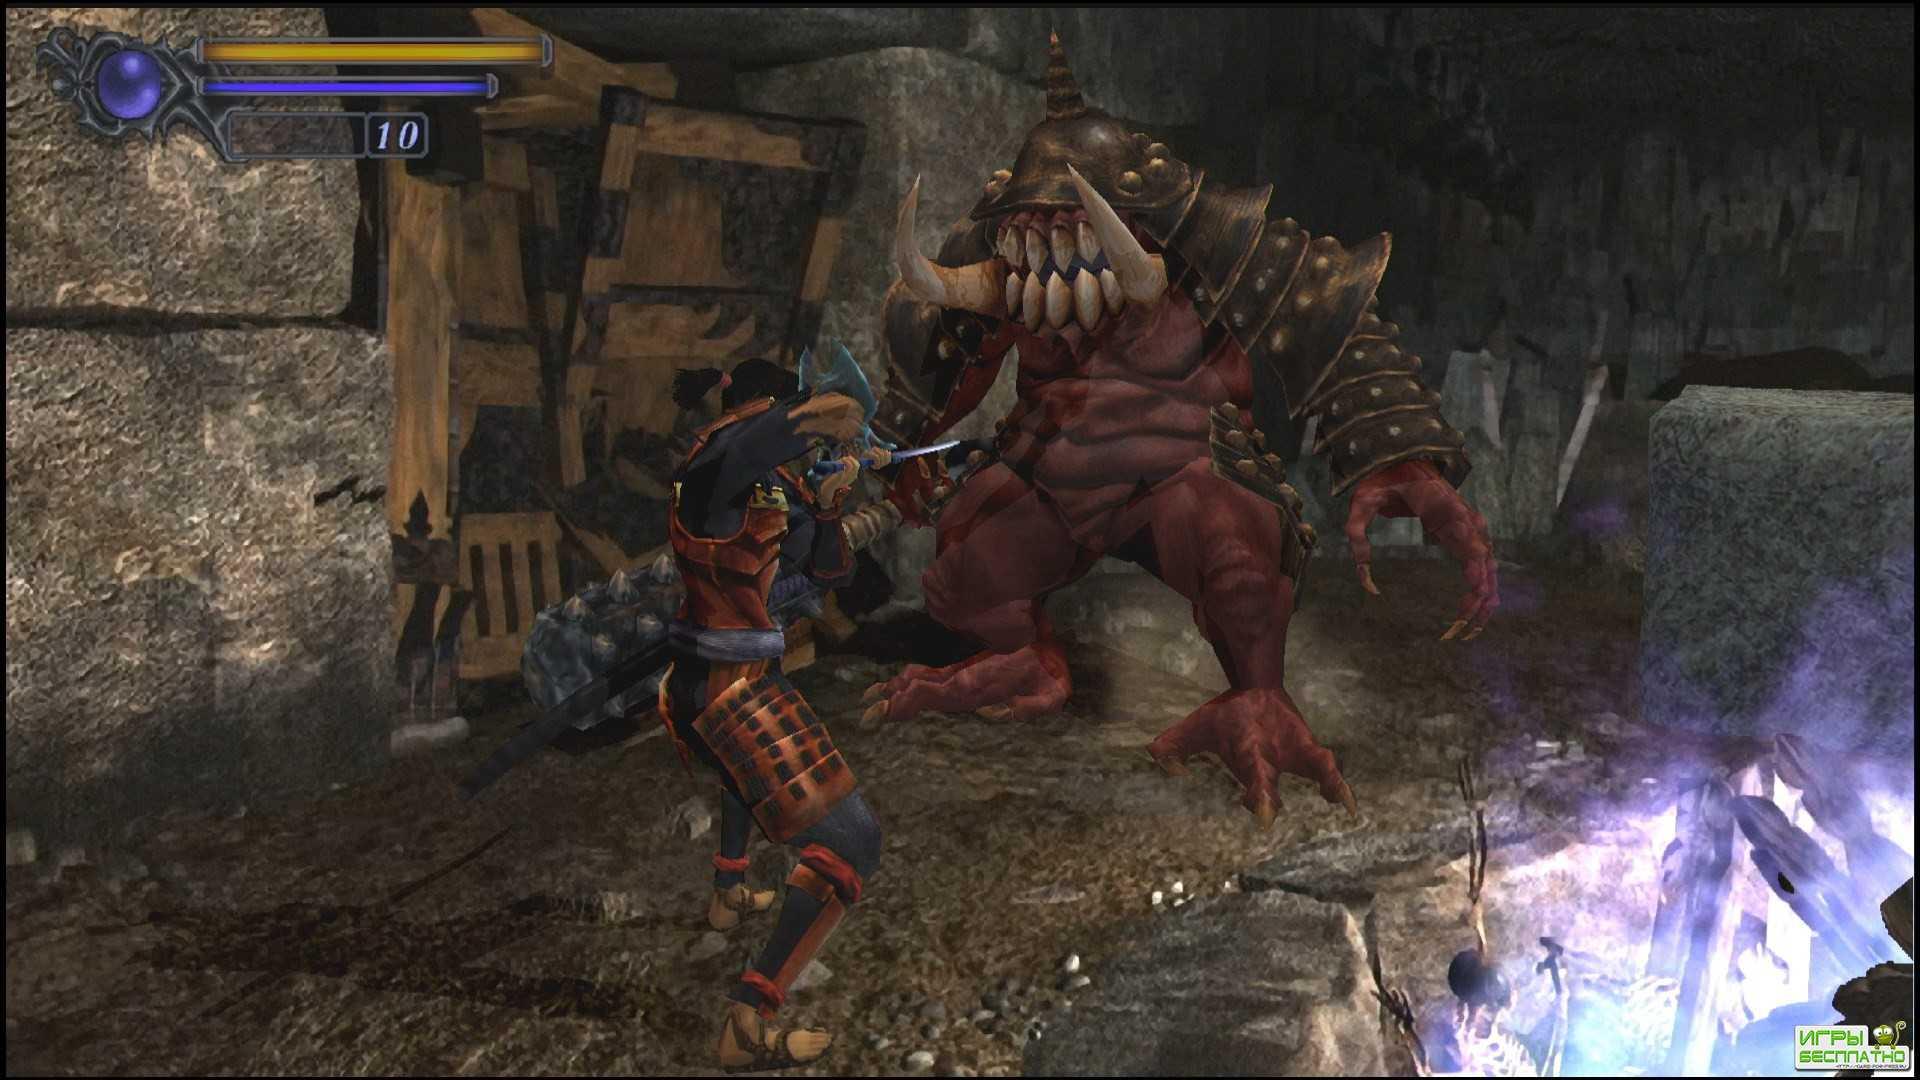 Onimusha: Warlords - опубликованы новые скриншоты ремастера игры для соврем ...